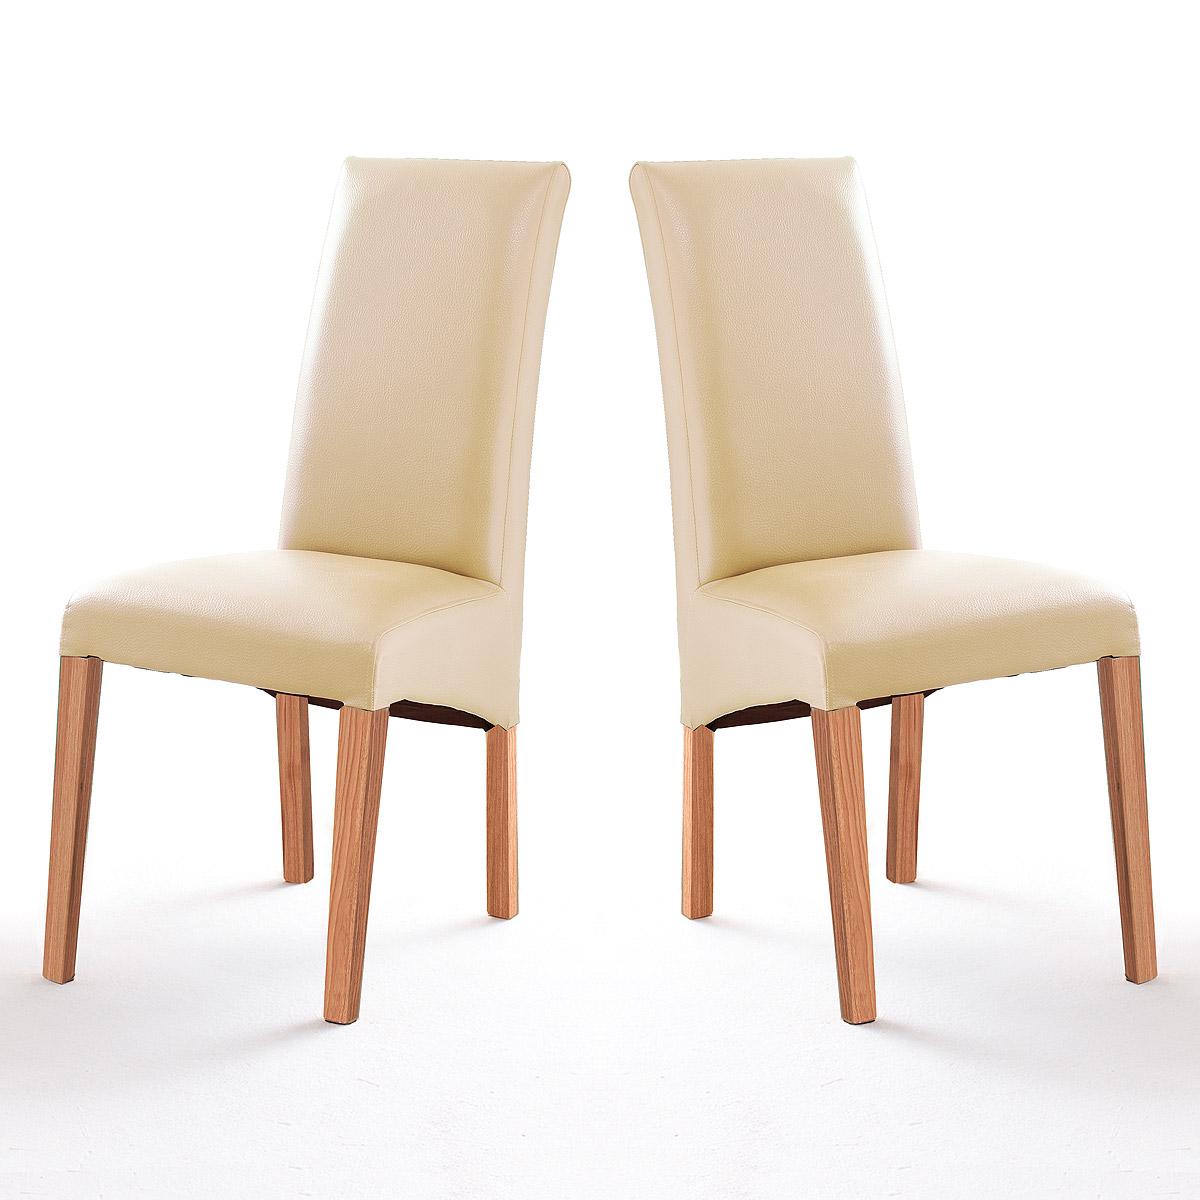 stuhl foxi 2er set polsterstuhl esszimmer k chenstuhl holzgestell ebay. Black Bedroom Furniture Sets. Home Design Ideas